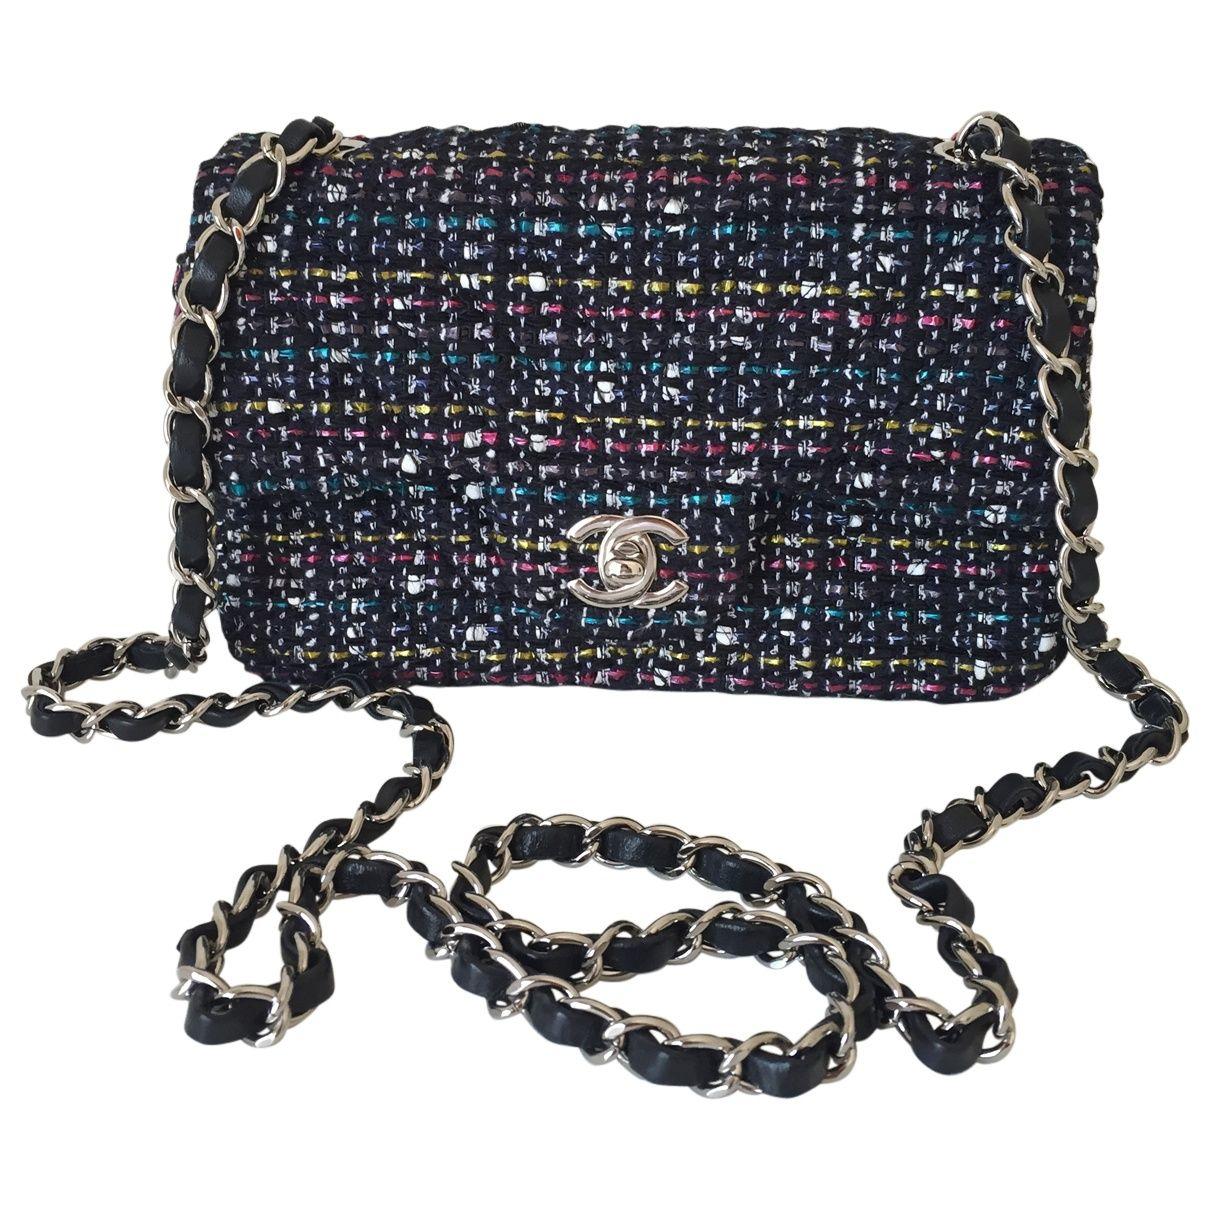 Multicolour Cotton Handbag Timeless Chanel Multicolour Cotton Handbag Timeless Bags Handbag